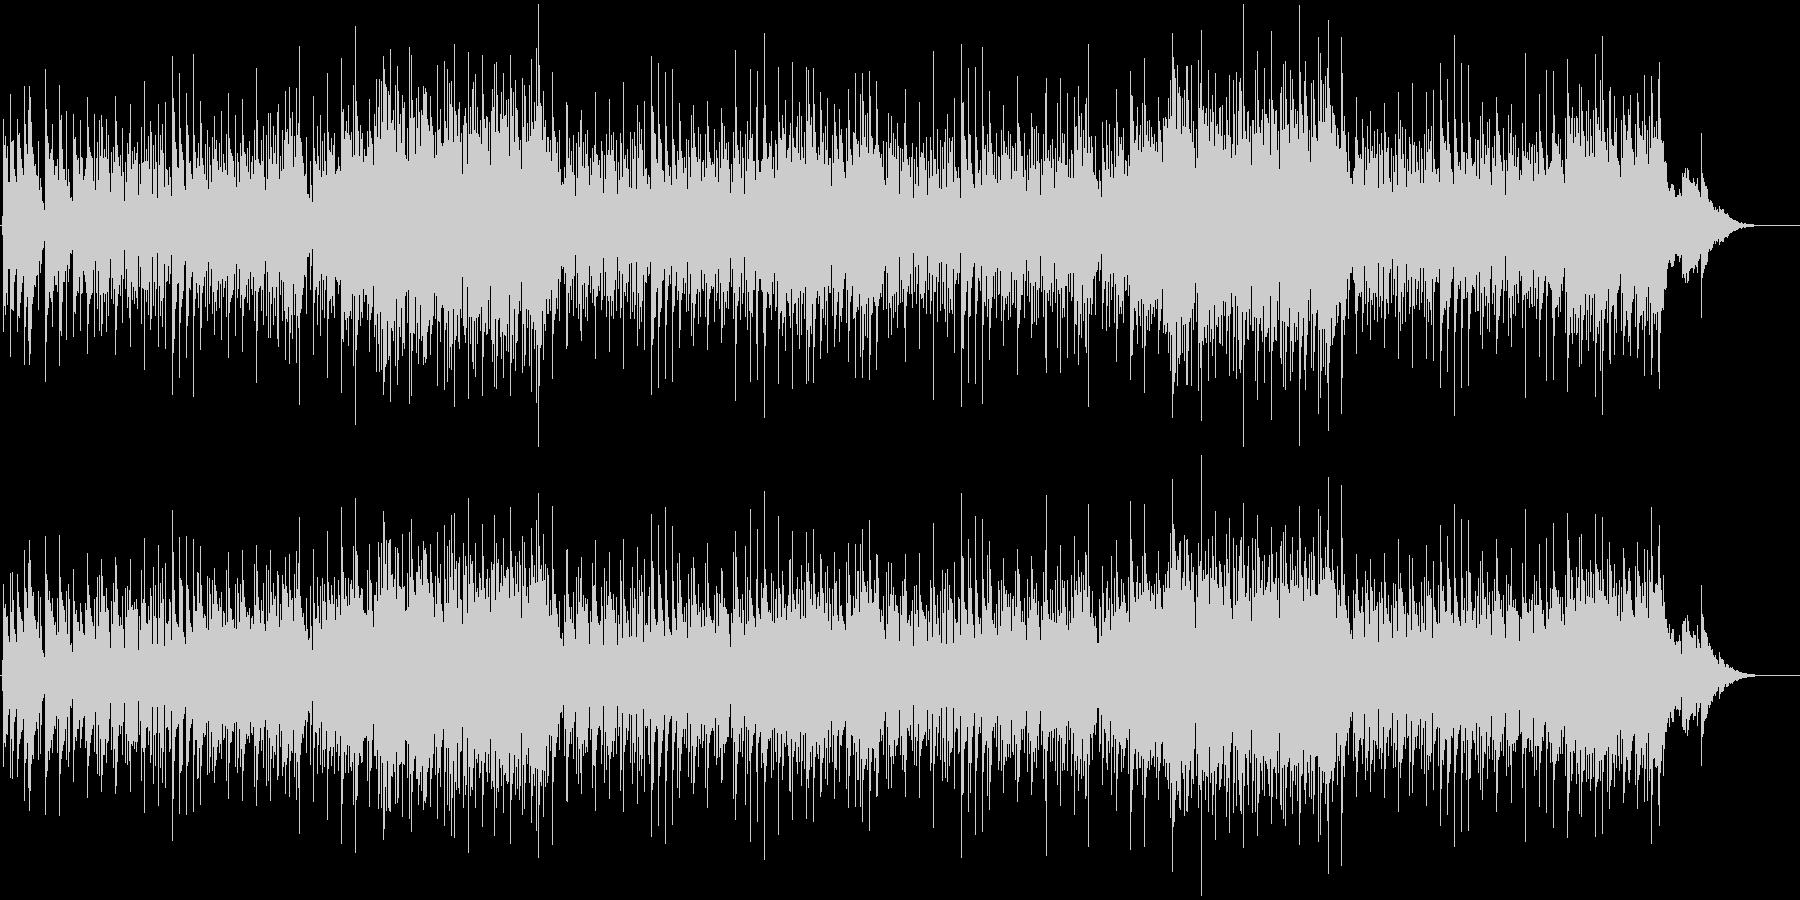 シックなスロー・バラードの未再生の波形